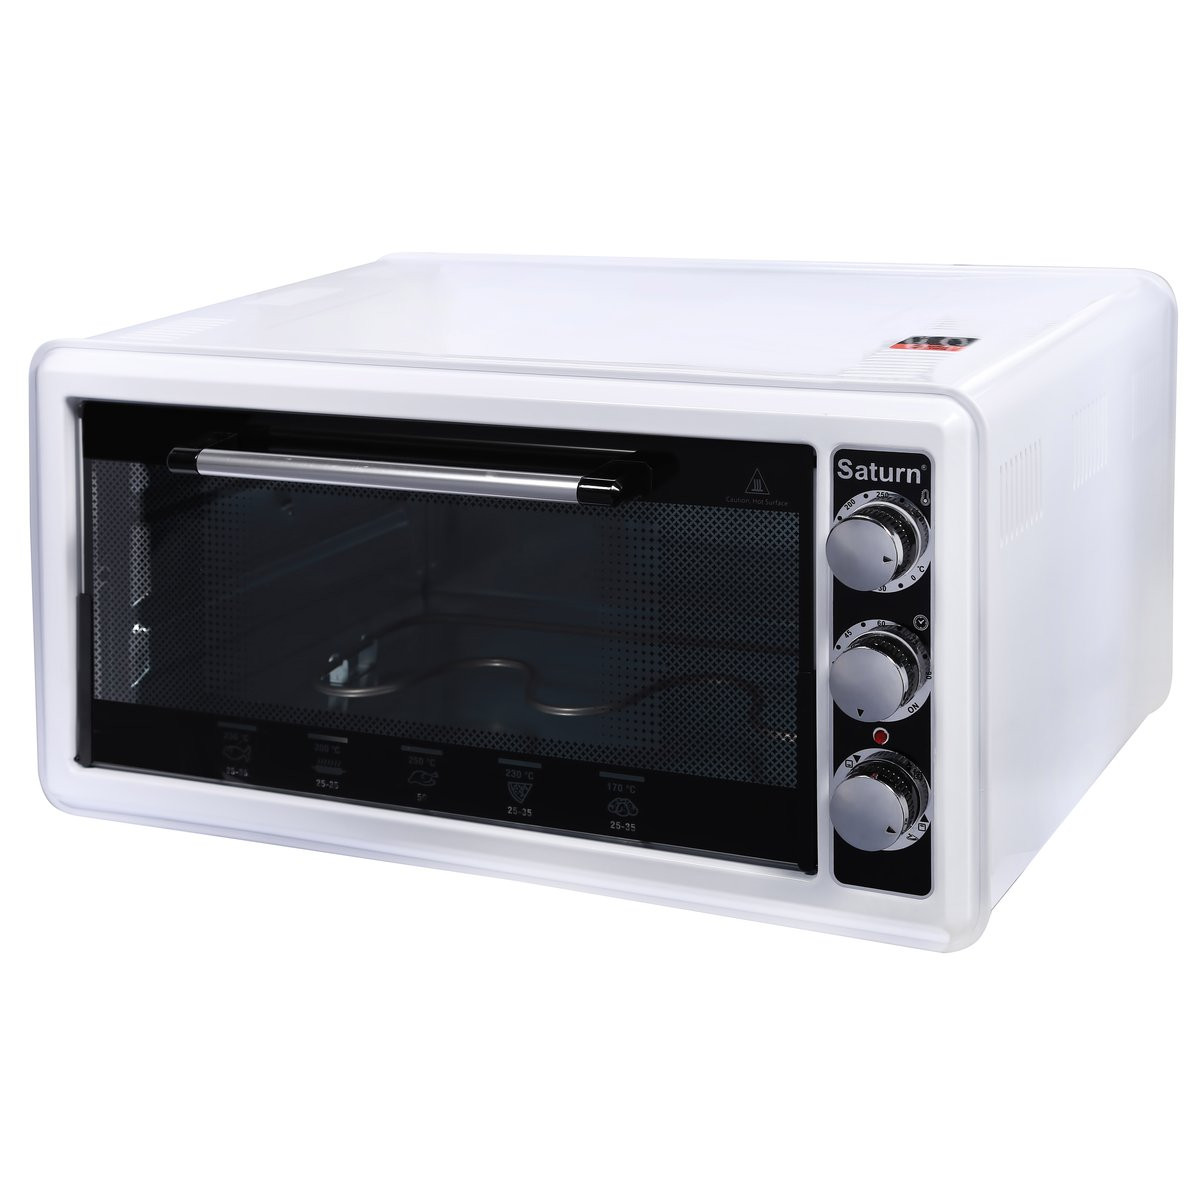 Электродуховка (электрическая печь+гриль) Saturn ST-EC1070 объемом 45 литров White (белая)